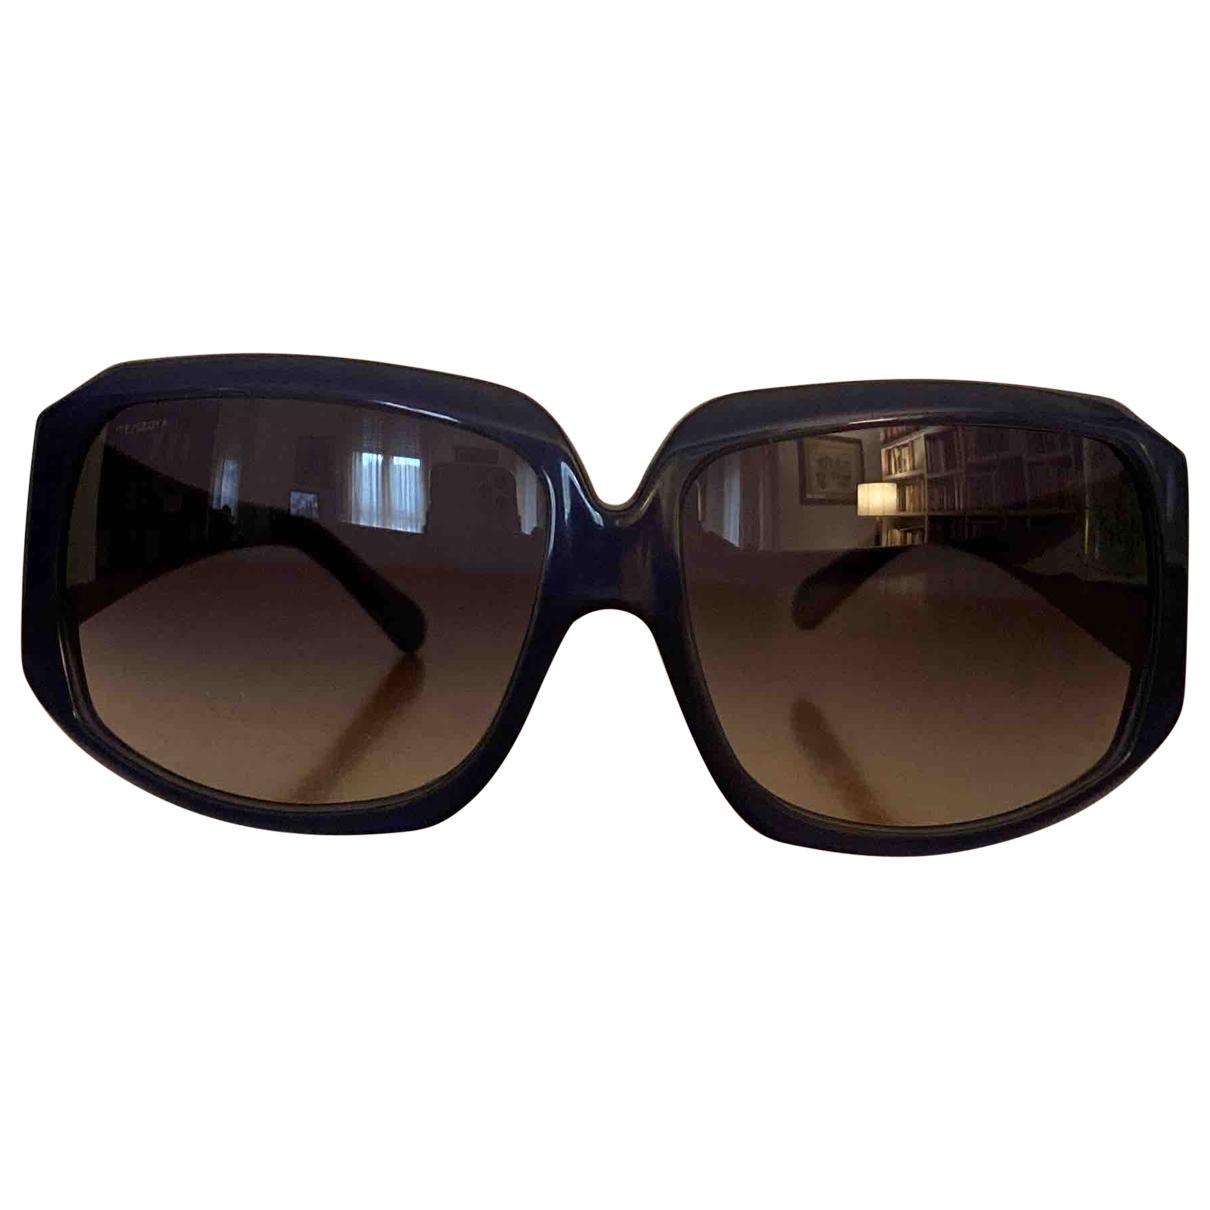 Gafas Burberry